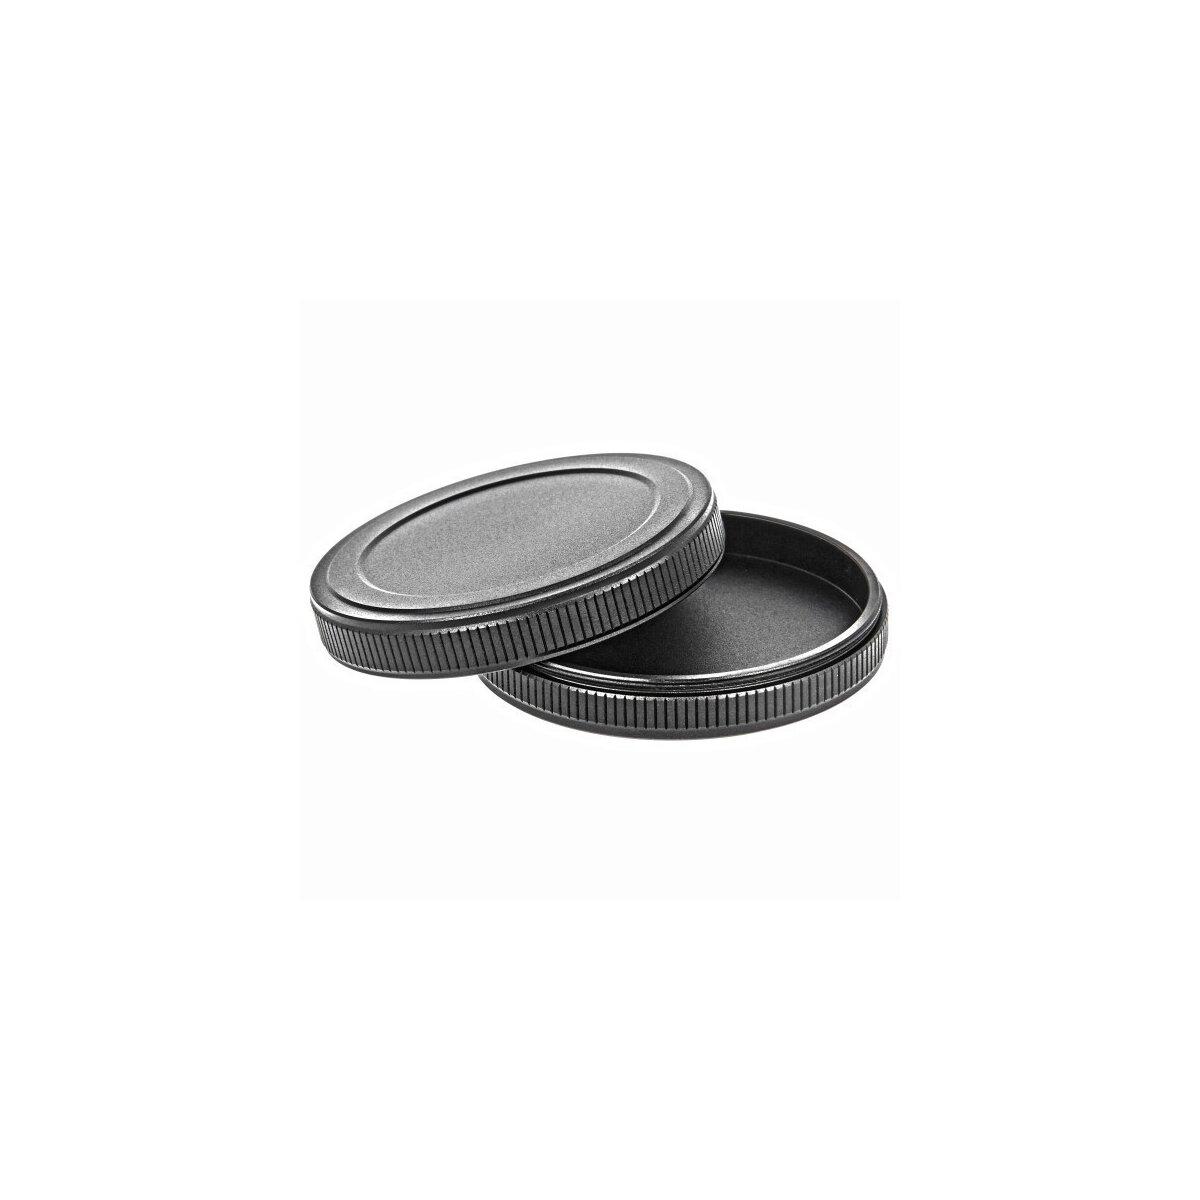 Aluminium Filter-Schutzdeckel / Schraub-Filterkappen fuer 58mm Filter - JJC SC-58